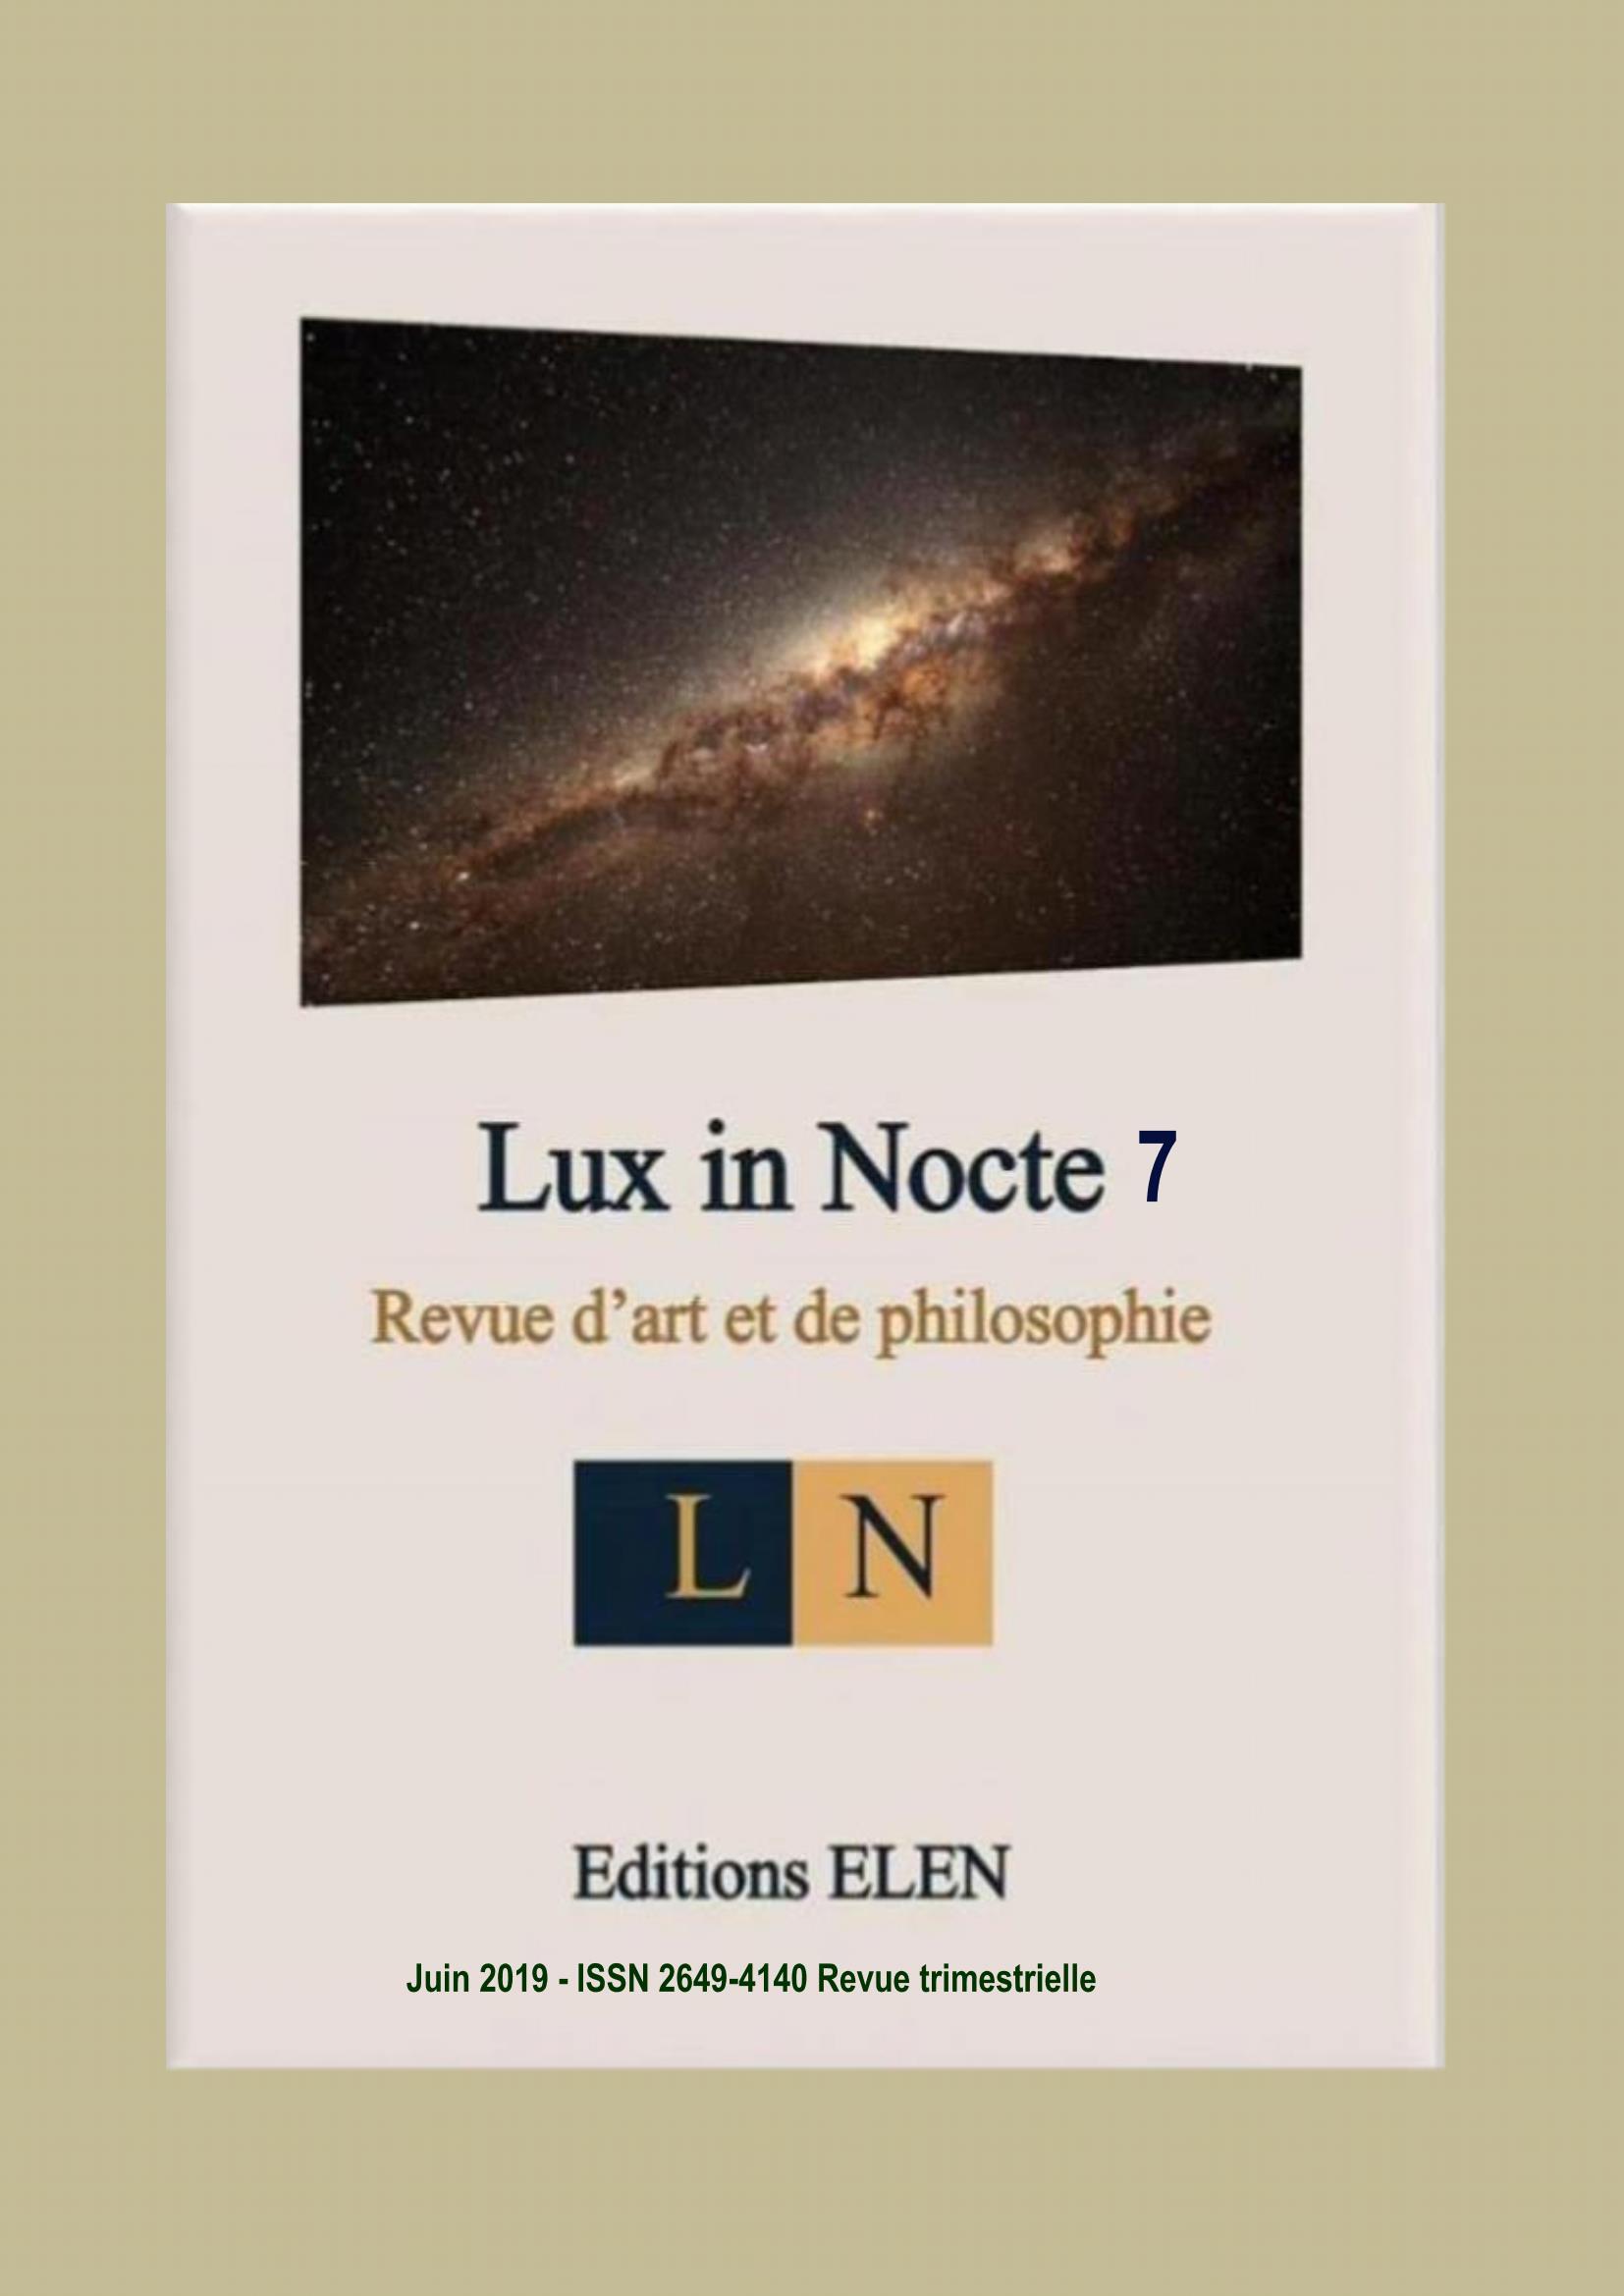 Lux in Nocte 7